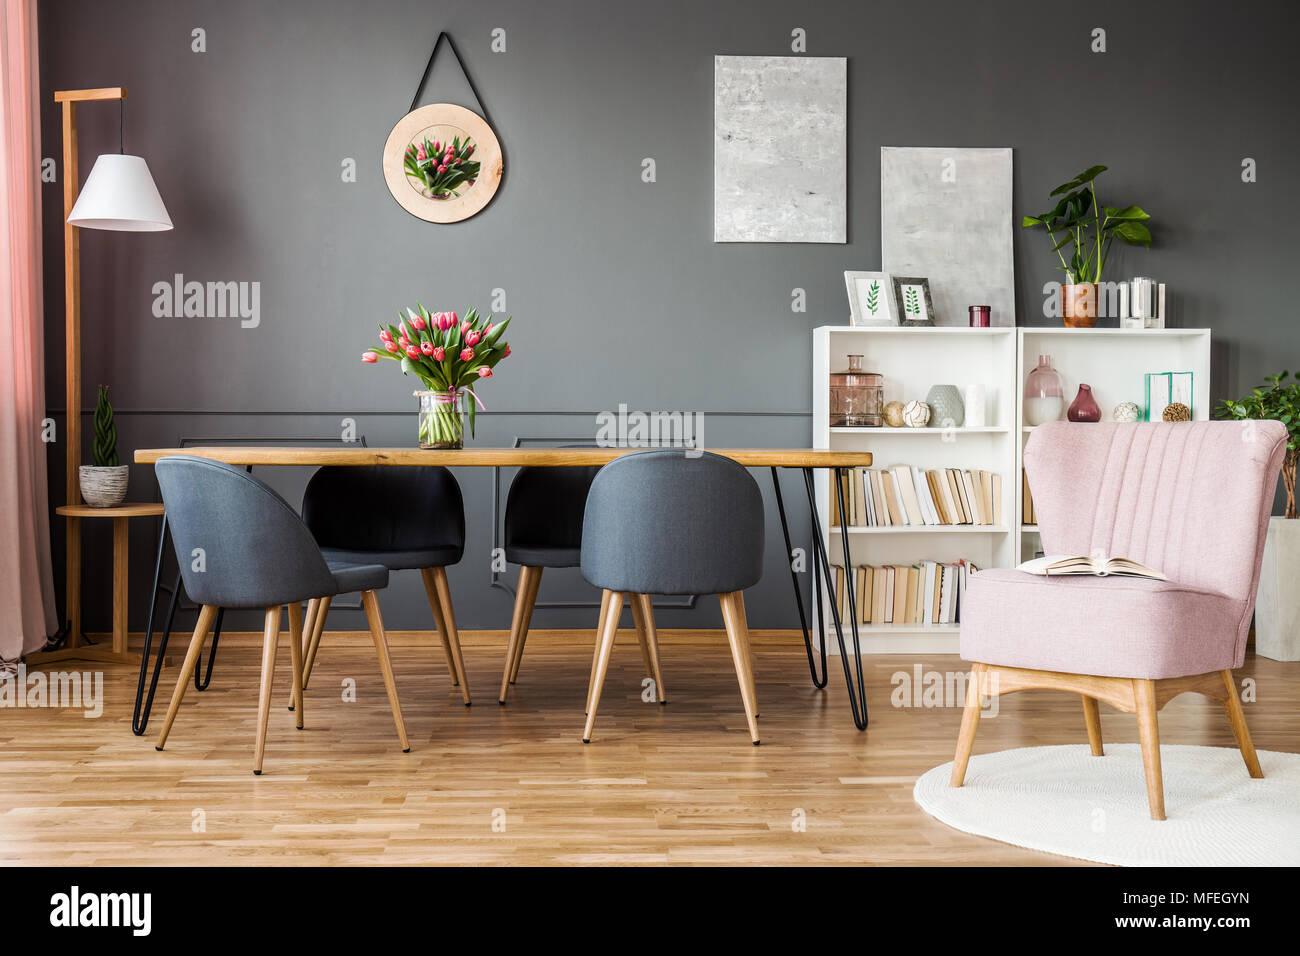 Poltrona Rosa Accanto A Sedie Grigio Al Tavolo Di Legno Con I Tulipani In Elegante Sala Da Pranzo Interno Foto Stock Alamy